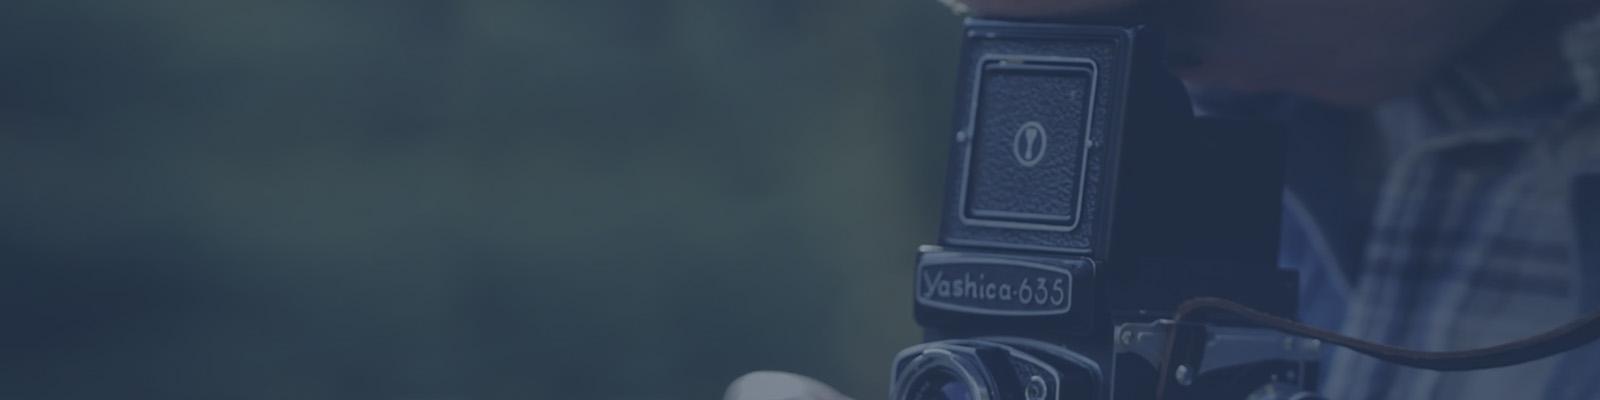 05-video-header